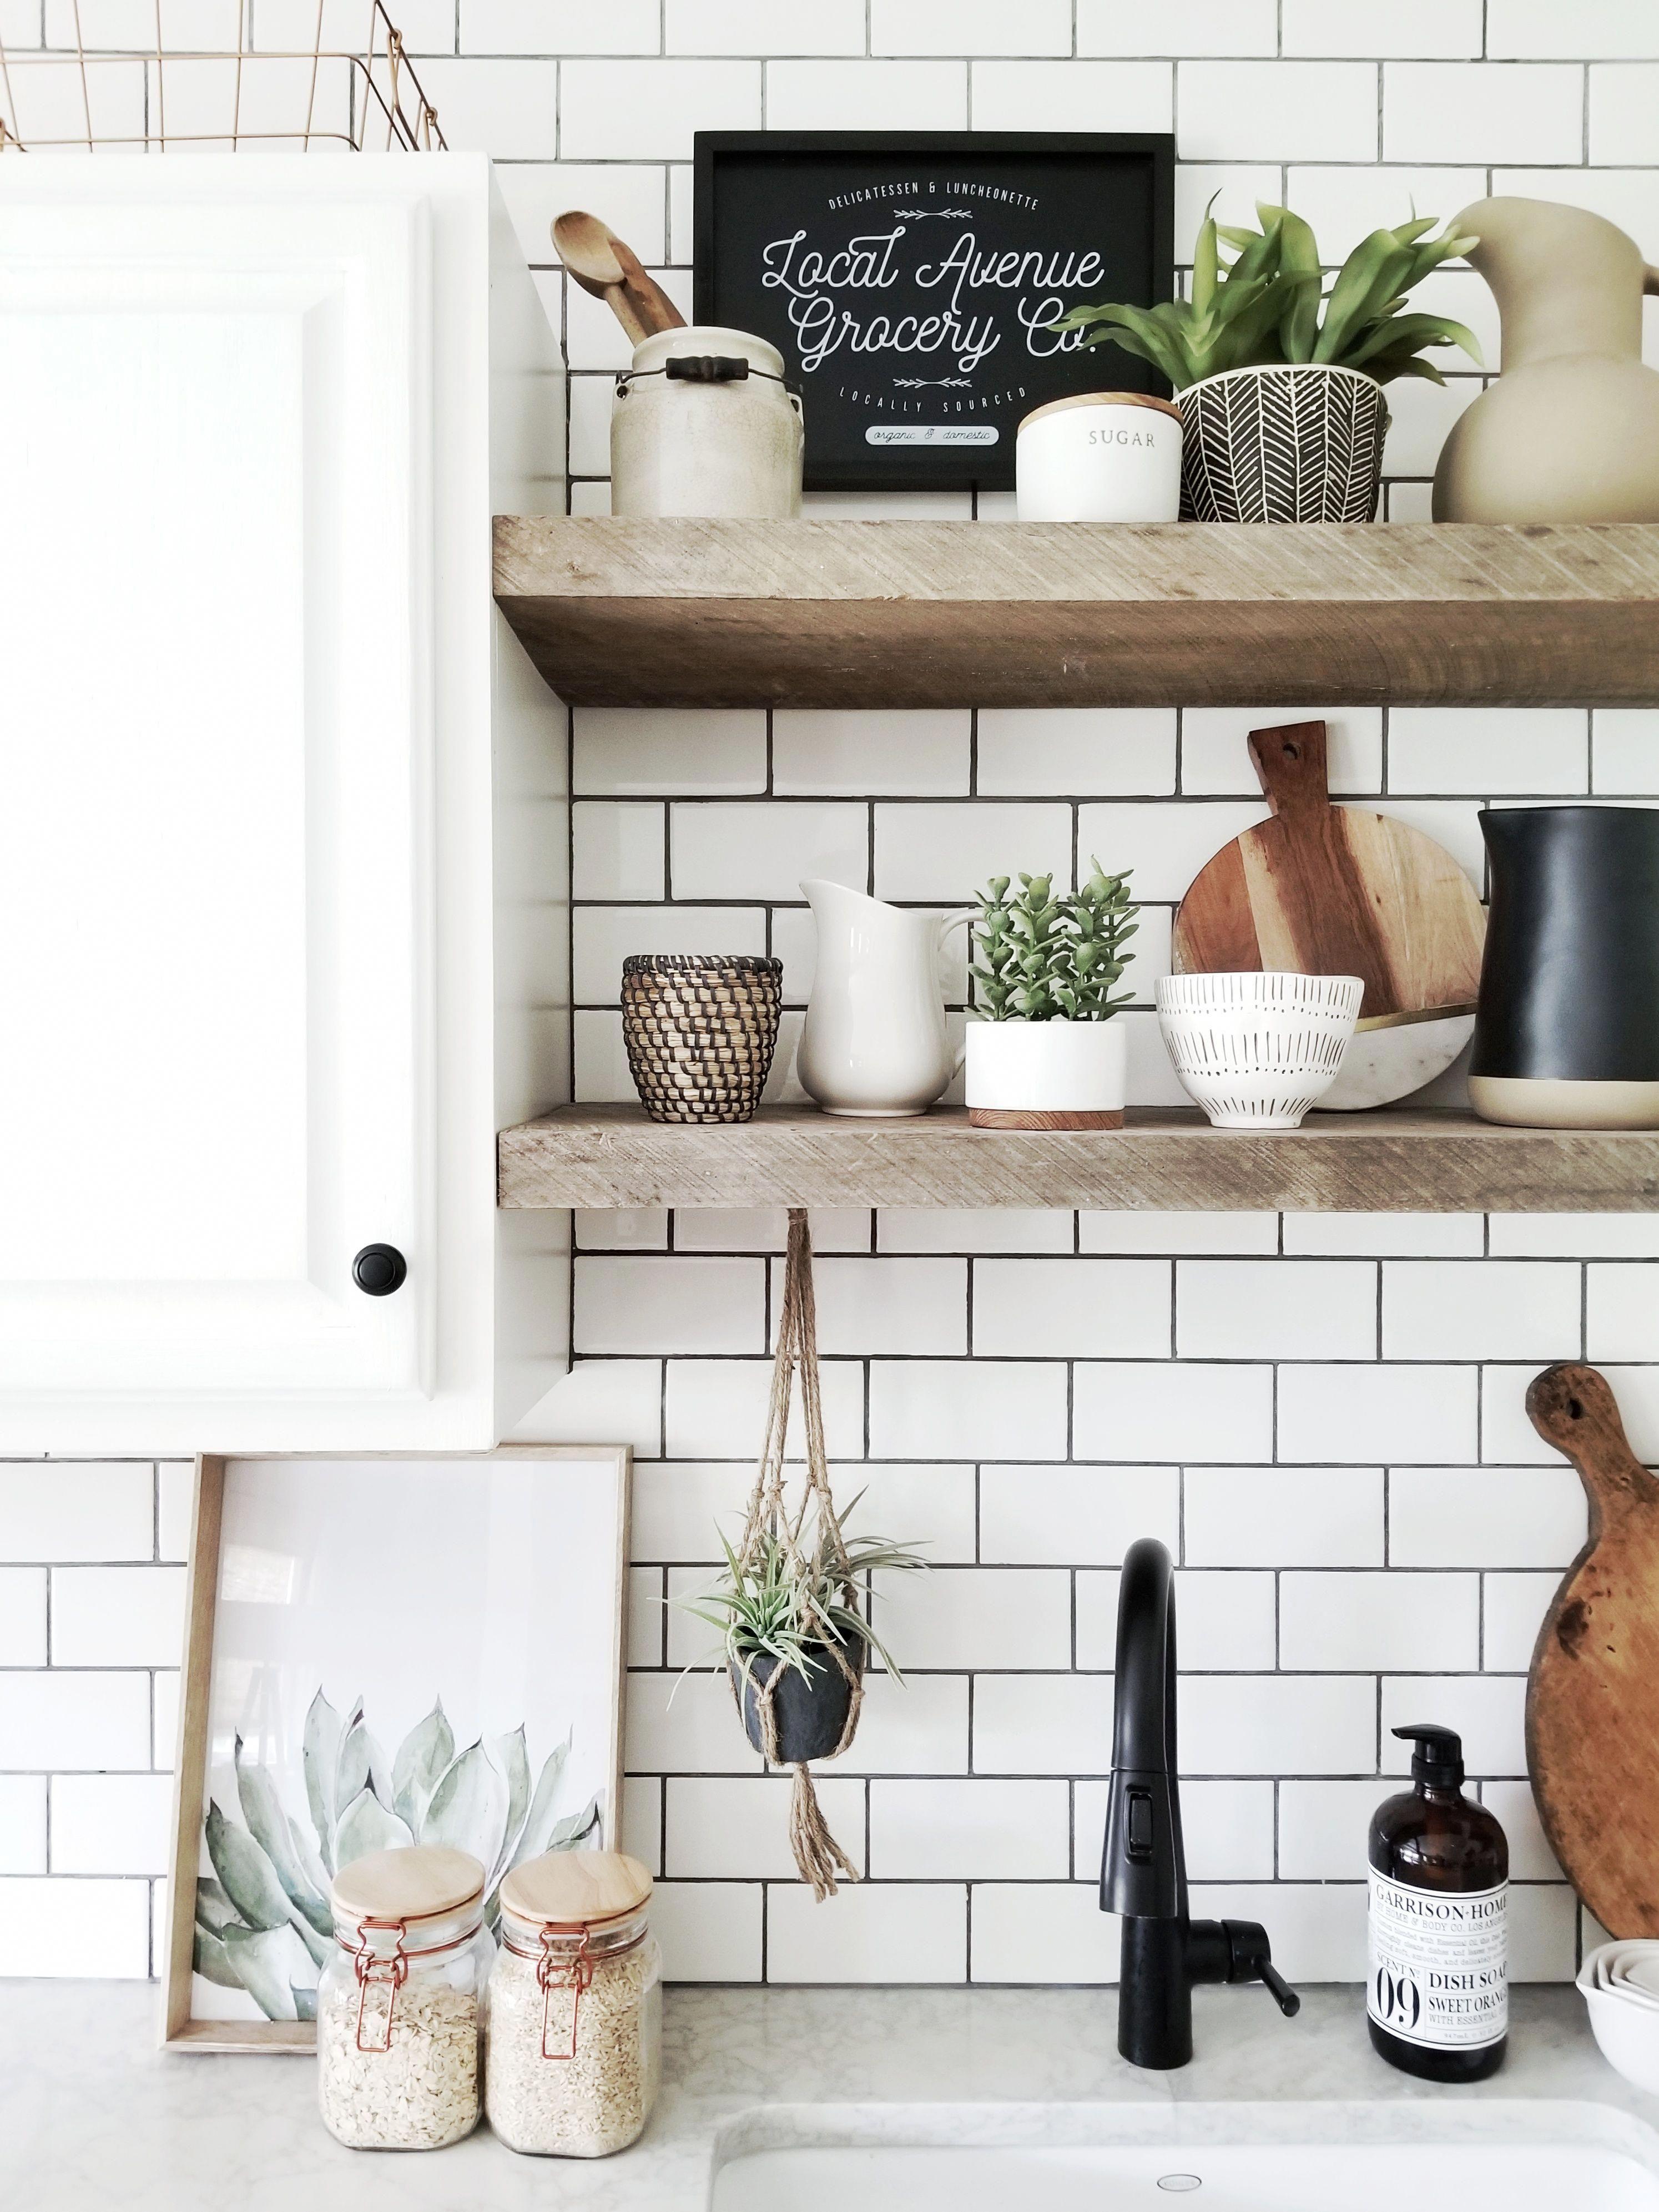 cynthia harper modern farmhouse kitchen open shelves farmhouse sink kitchensinkshelf with on farmhouse kitchen open shelves id=76883